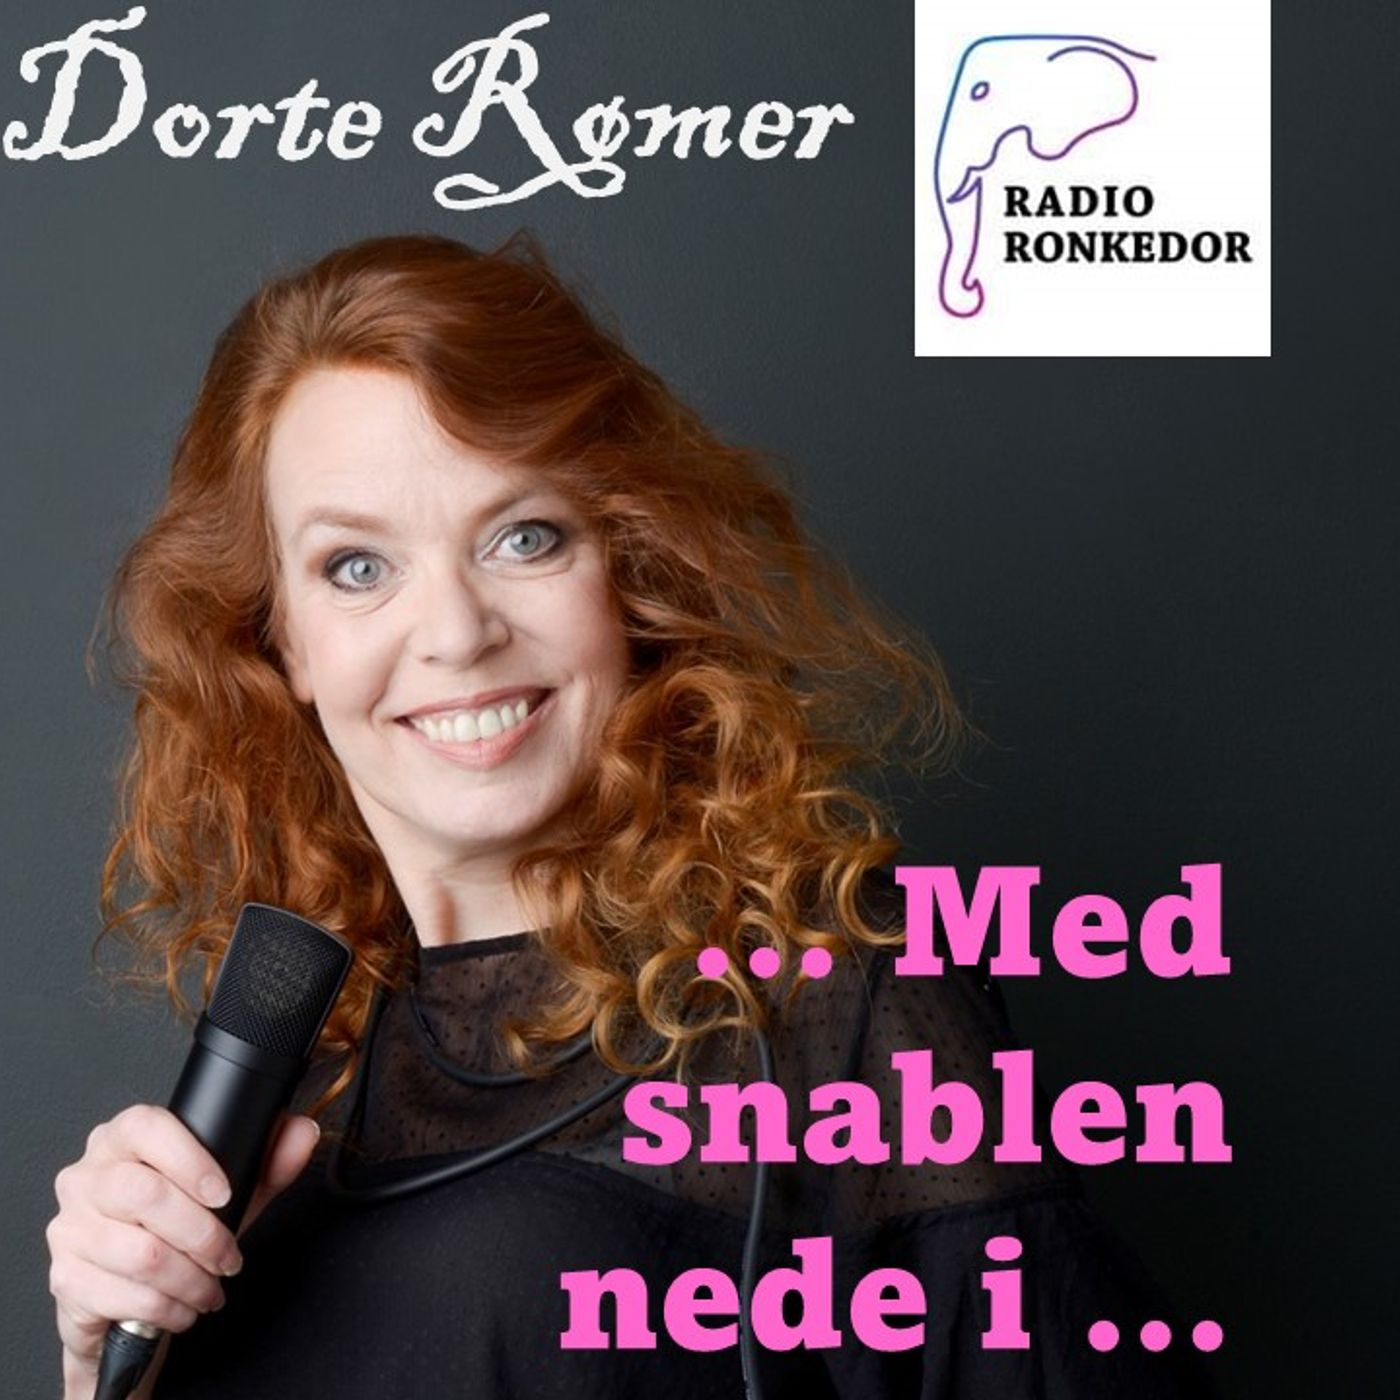 Dorte Rømer med snablen nede i ... (epis 4) Lola Baidel - digteren